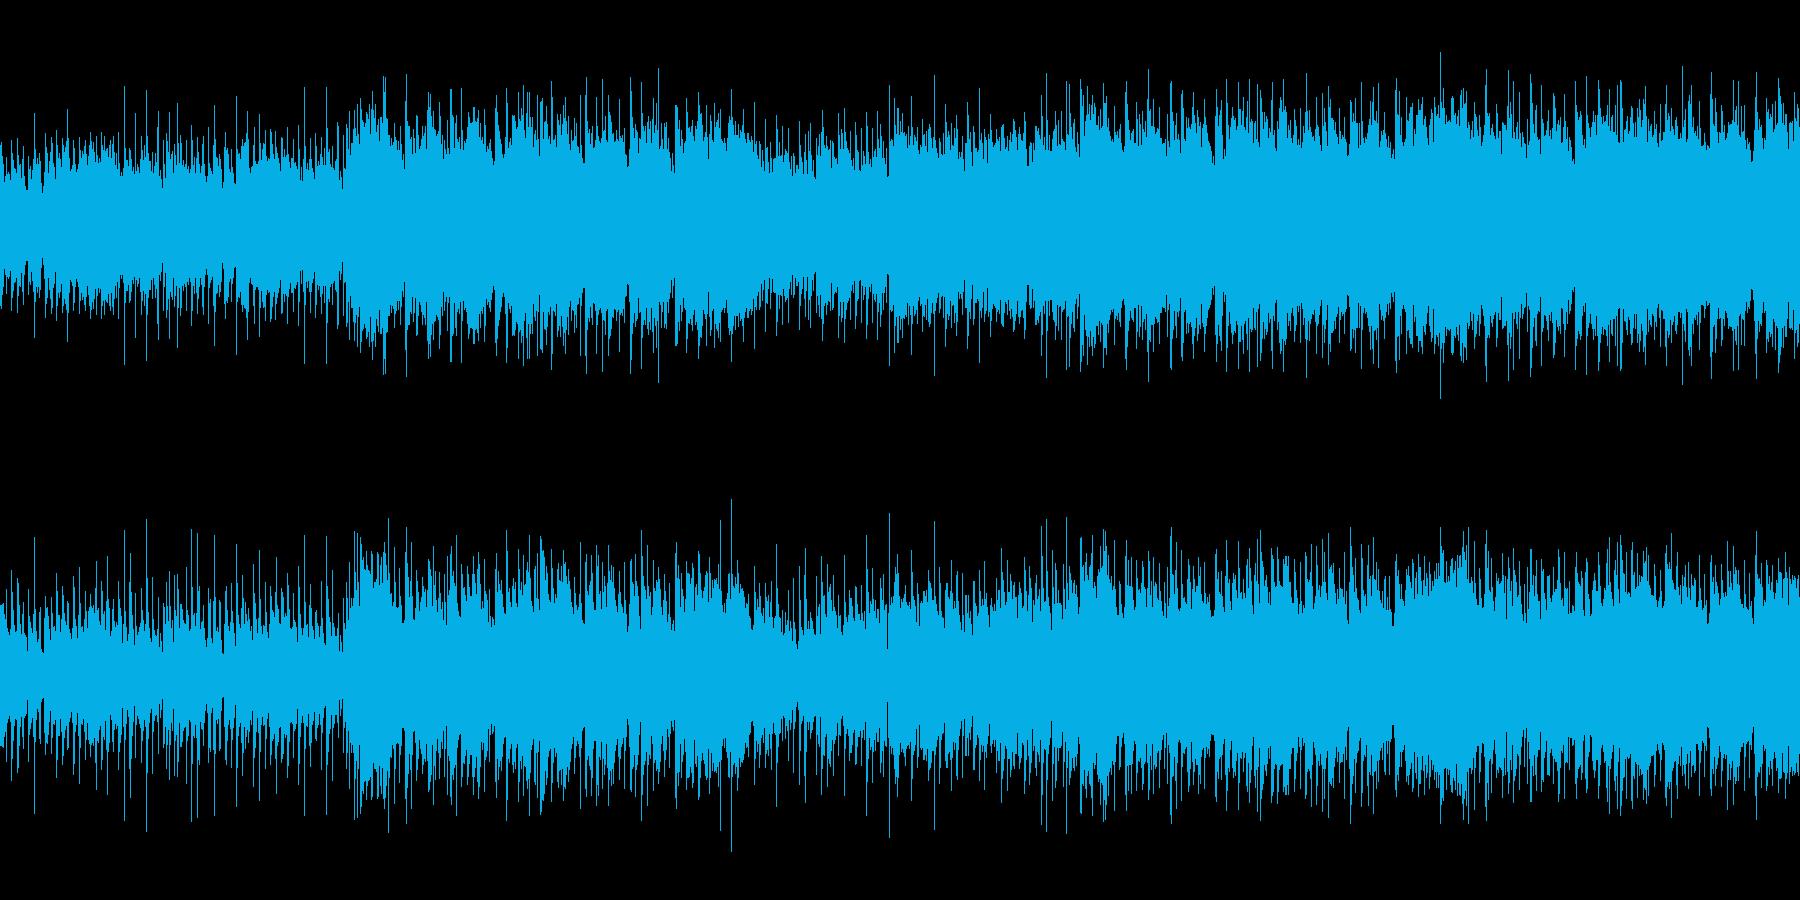 映画やアニメの日常シーン・爽やかアコギ曲の再生済みの波形